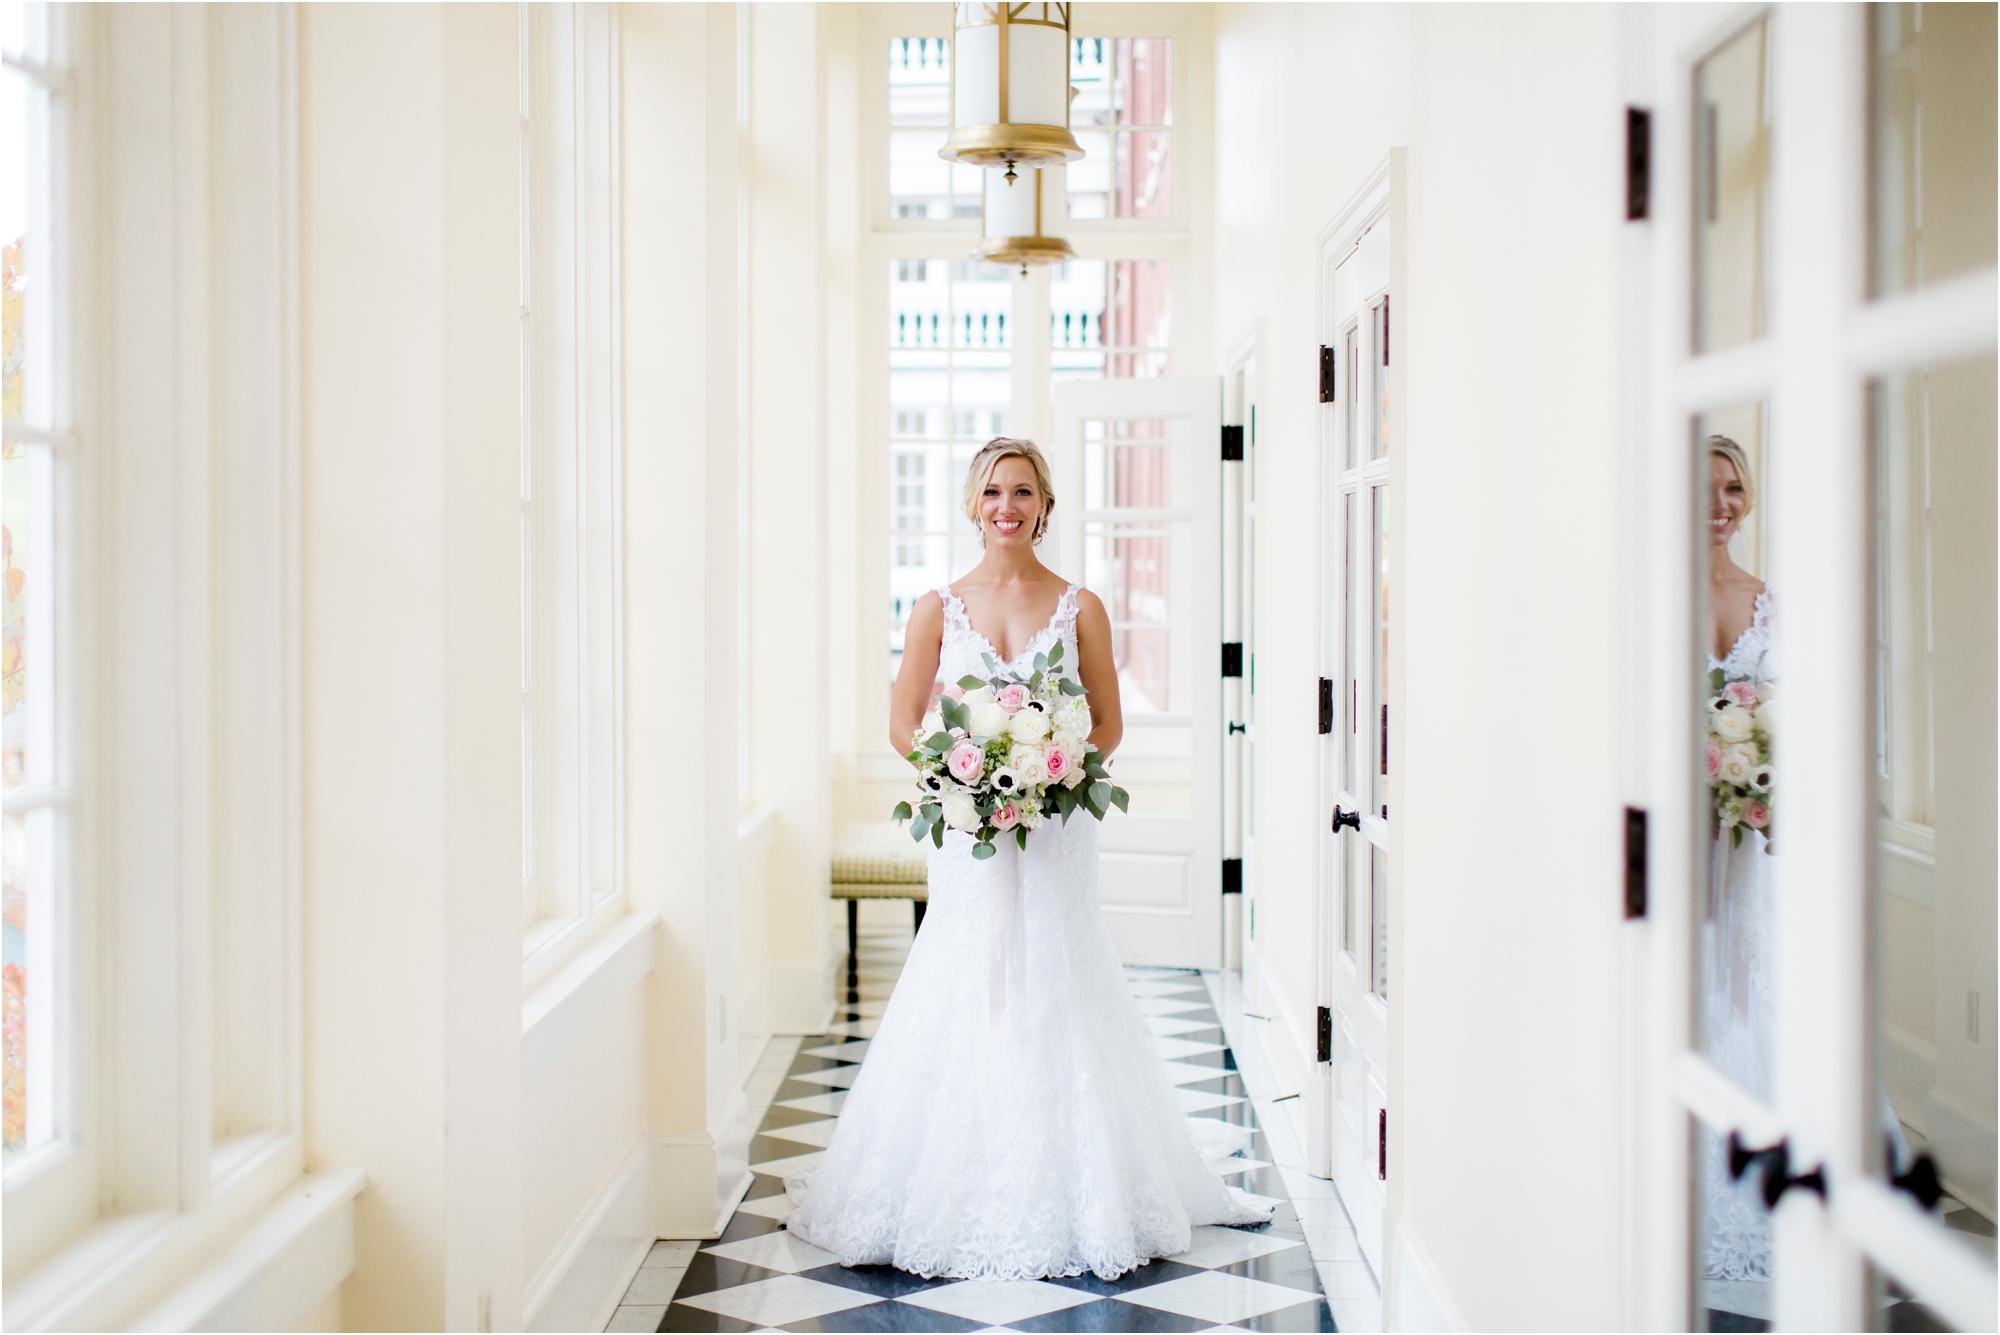 brooke-ilya-fall-virginia-omni-homestead-resort-wedding-photos_0024.jpg